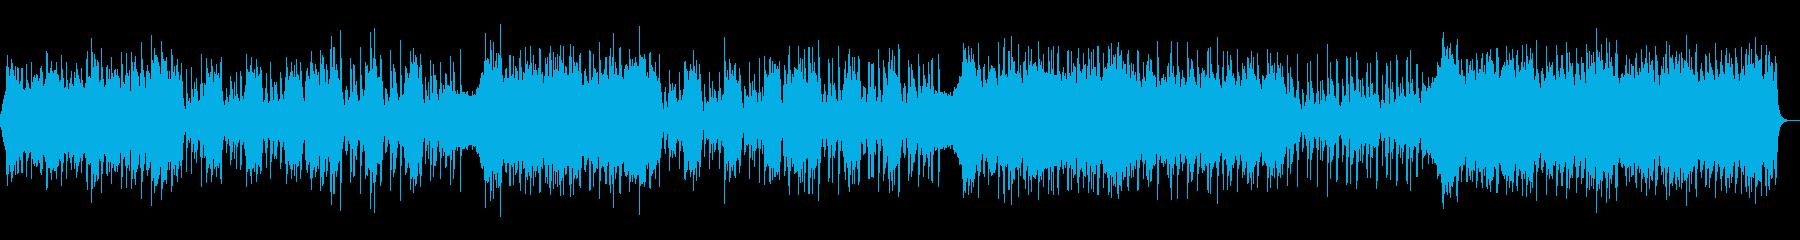 勇壮・エキサイティング・パワフル・ロックの再生済みの波形